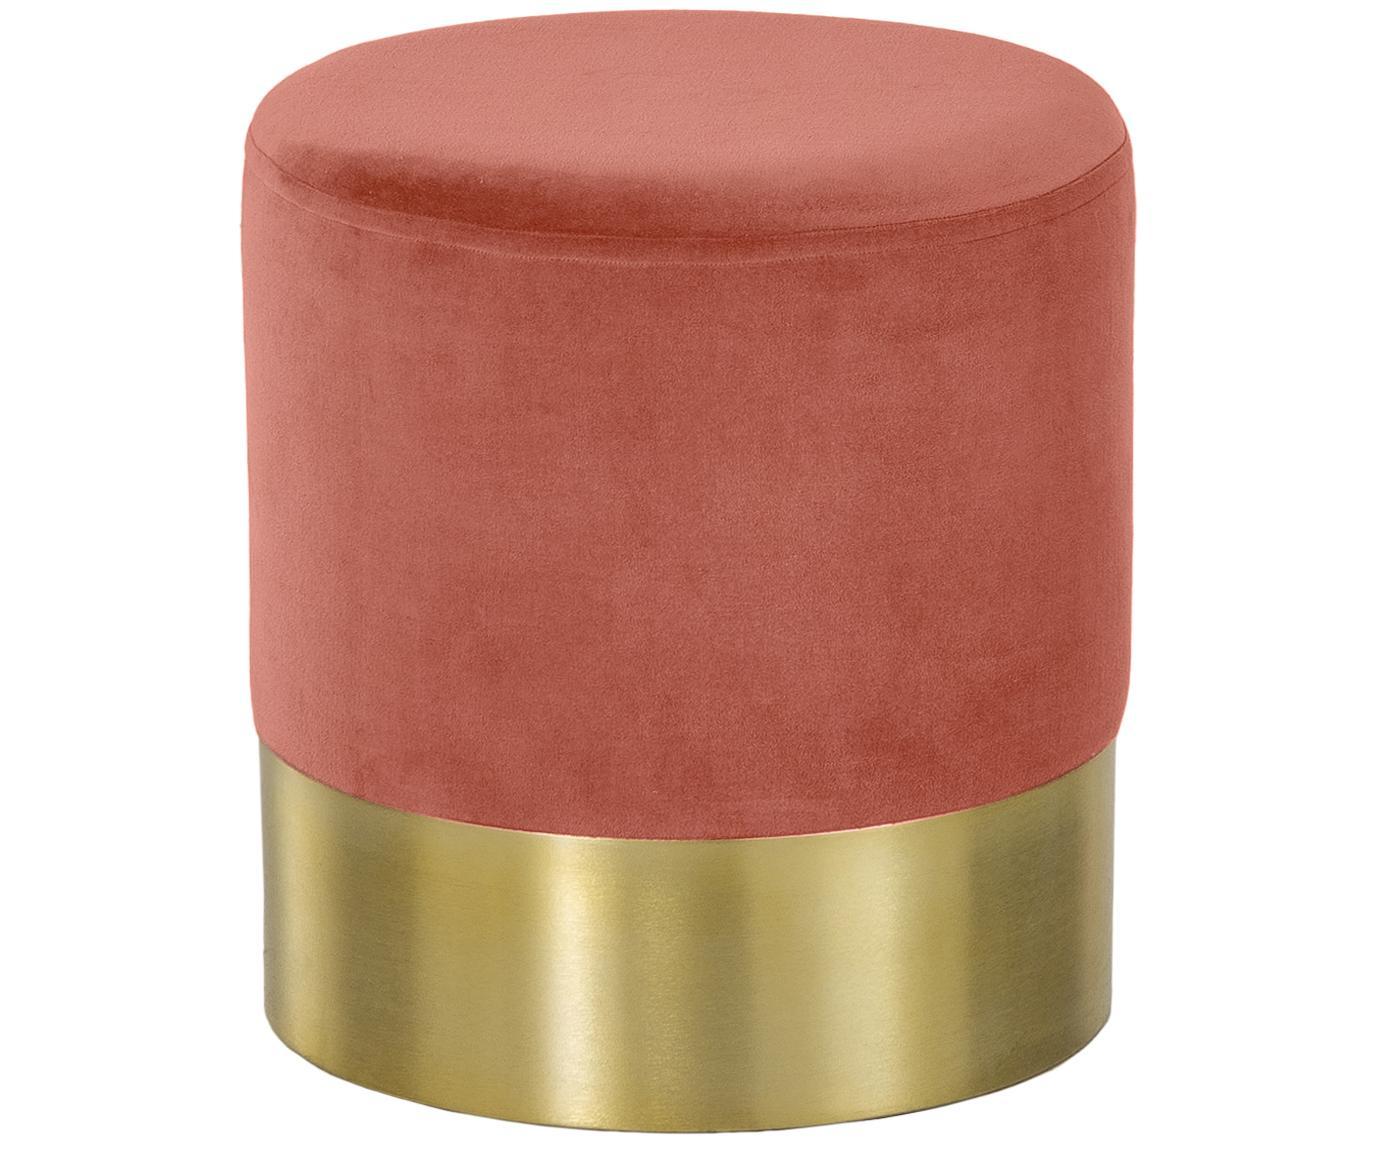 Puf de terciopelo Harlow, Tapizado: terciopelo de algodón, Coral, dorado, Ø 38 x Al 42 cm